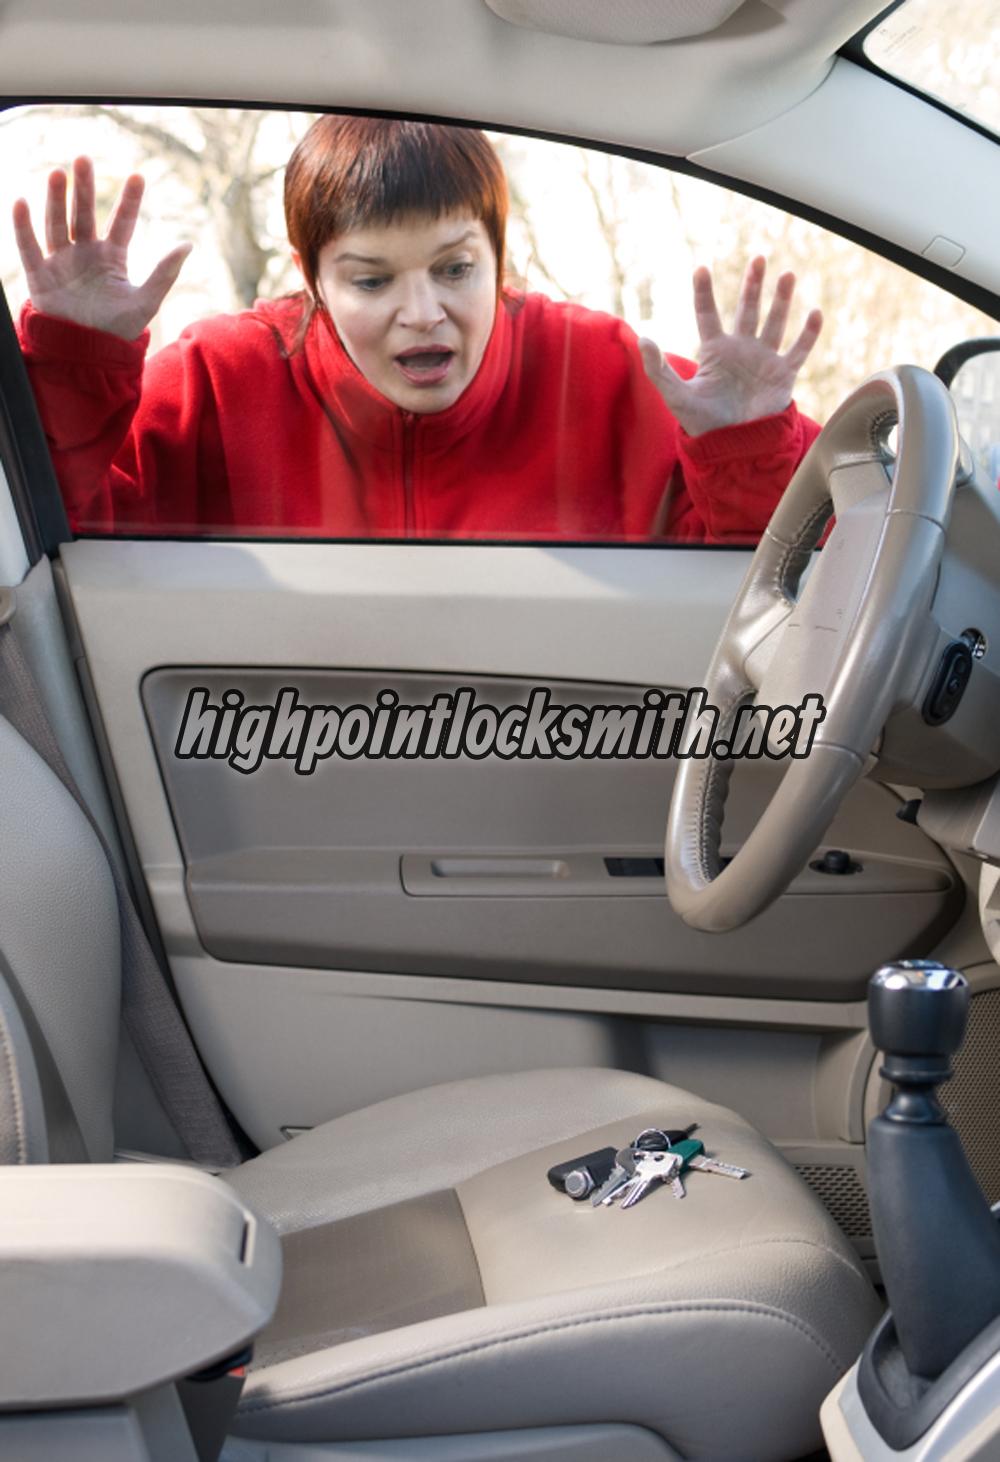 lockout-High-Point-locksmith